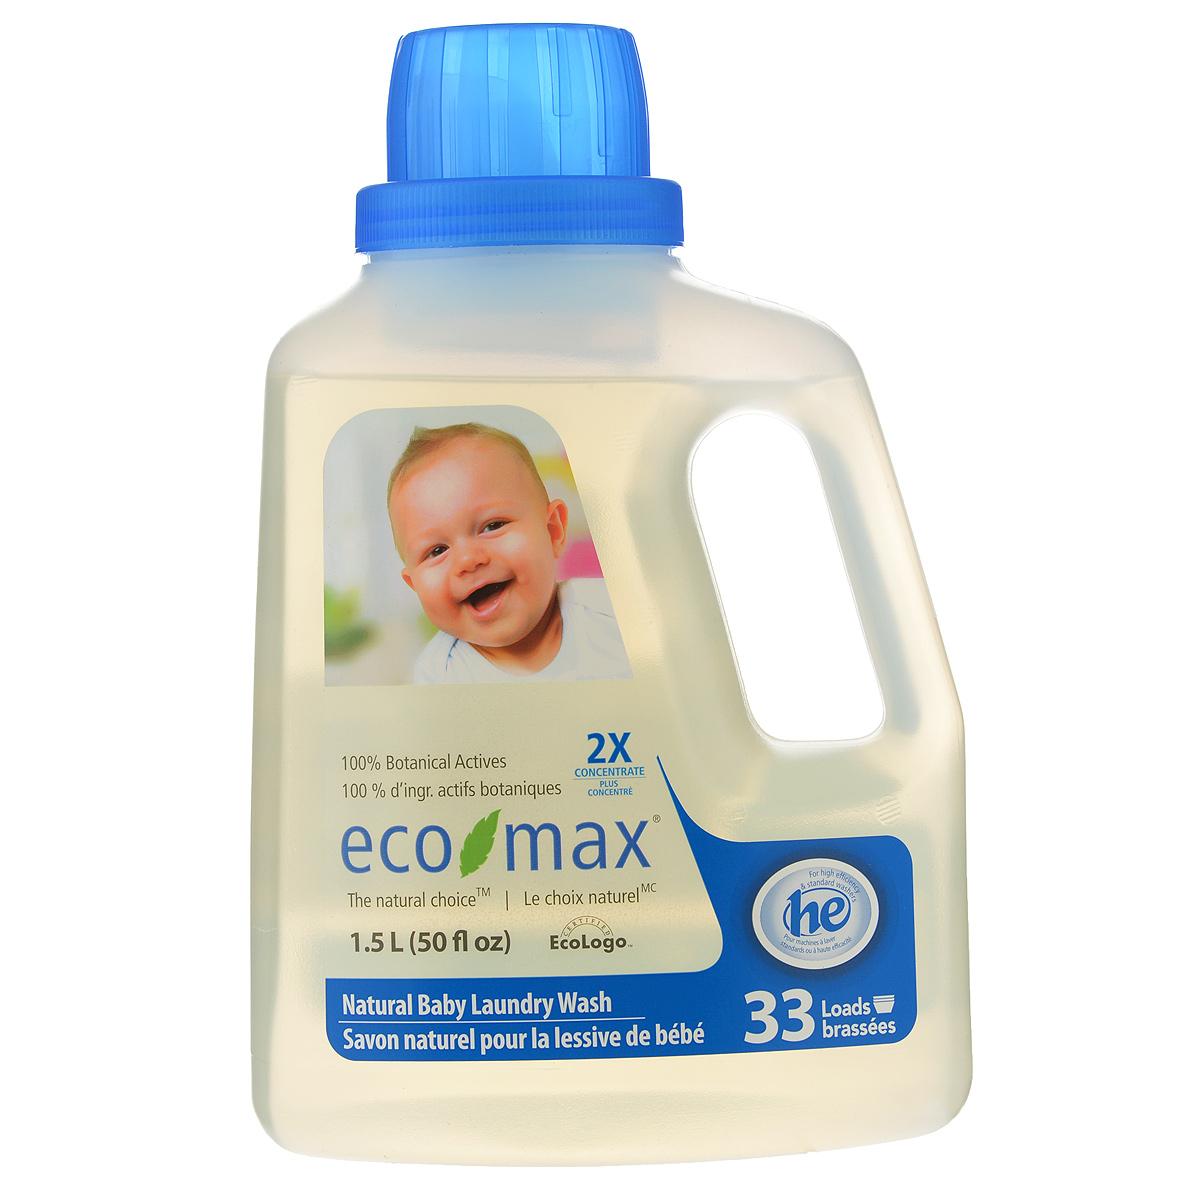 Жидкое средство для стирки детской одежды Eco Max, концентрированное, 1,5 л391602Жидкое концентрированное средство Eco Max предназначено для стирки детской одежды. Гипоаллергенное средство для стирки специально разработано без использования известных сенсибилизаторов и безопасно для людей, чувствительных к различным запахам. Прекрасно подходит для стирки детской одежды. Благодаря низкому пенообразованию и отсутствию осадка безопасно для использования в стиральной машине. Одна бутылка этого концентрированного средства рассчитана на 35 стандартных загрузок.Подходит для ручной и машинной стирки, для всех типов ткани. Состав: вода, полигликозиды (из кокосового масла и кукурузного сиропа), пищевой цитрат натрия, пищевой загуститель, пищевая лимонная кислота и пищевой сорбат калия. Товар сертифицирован.